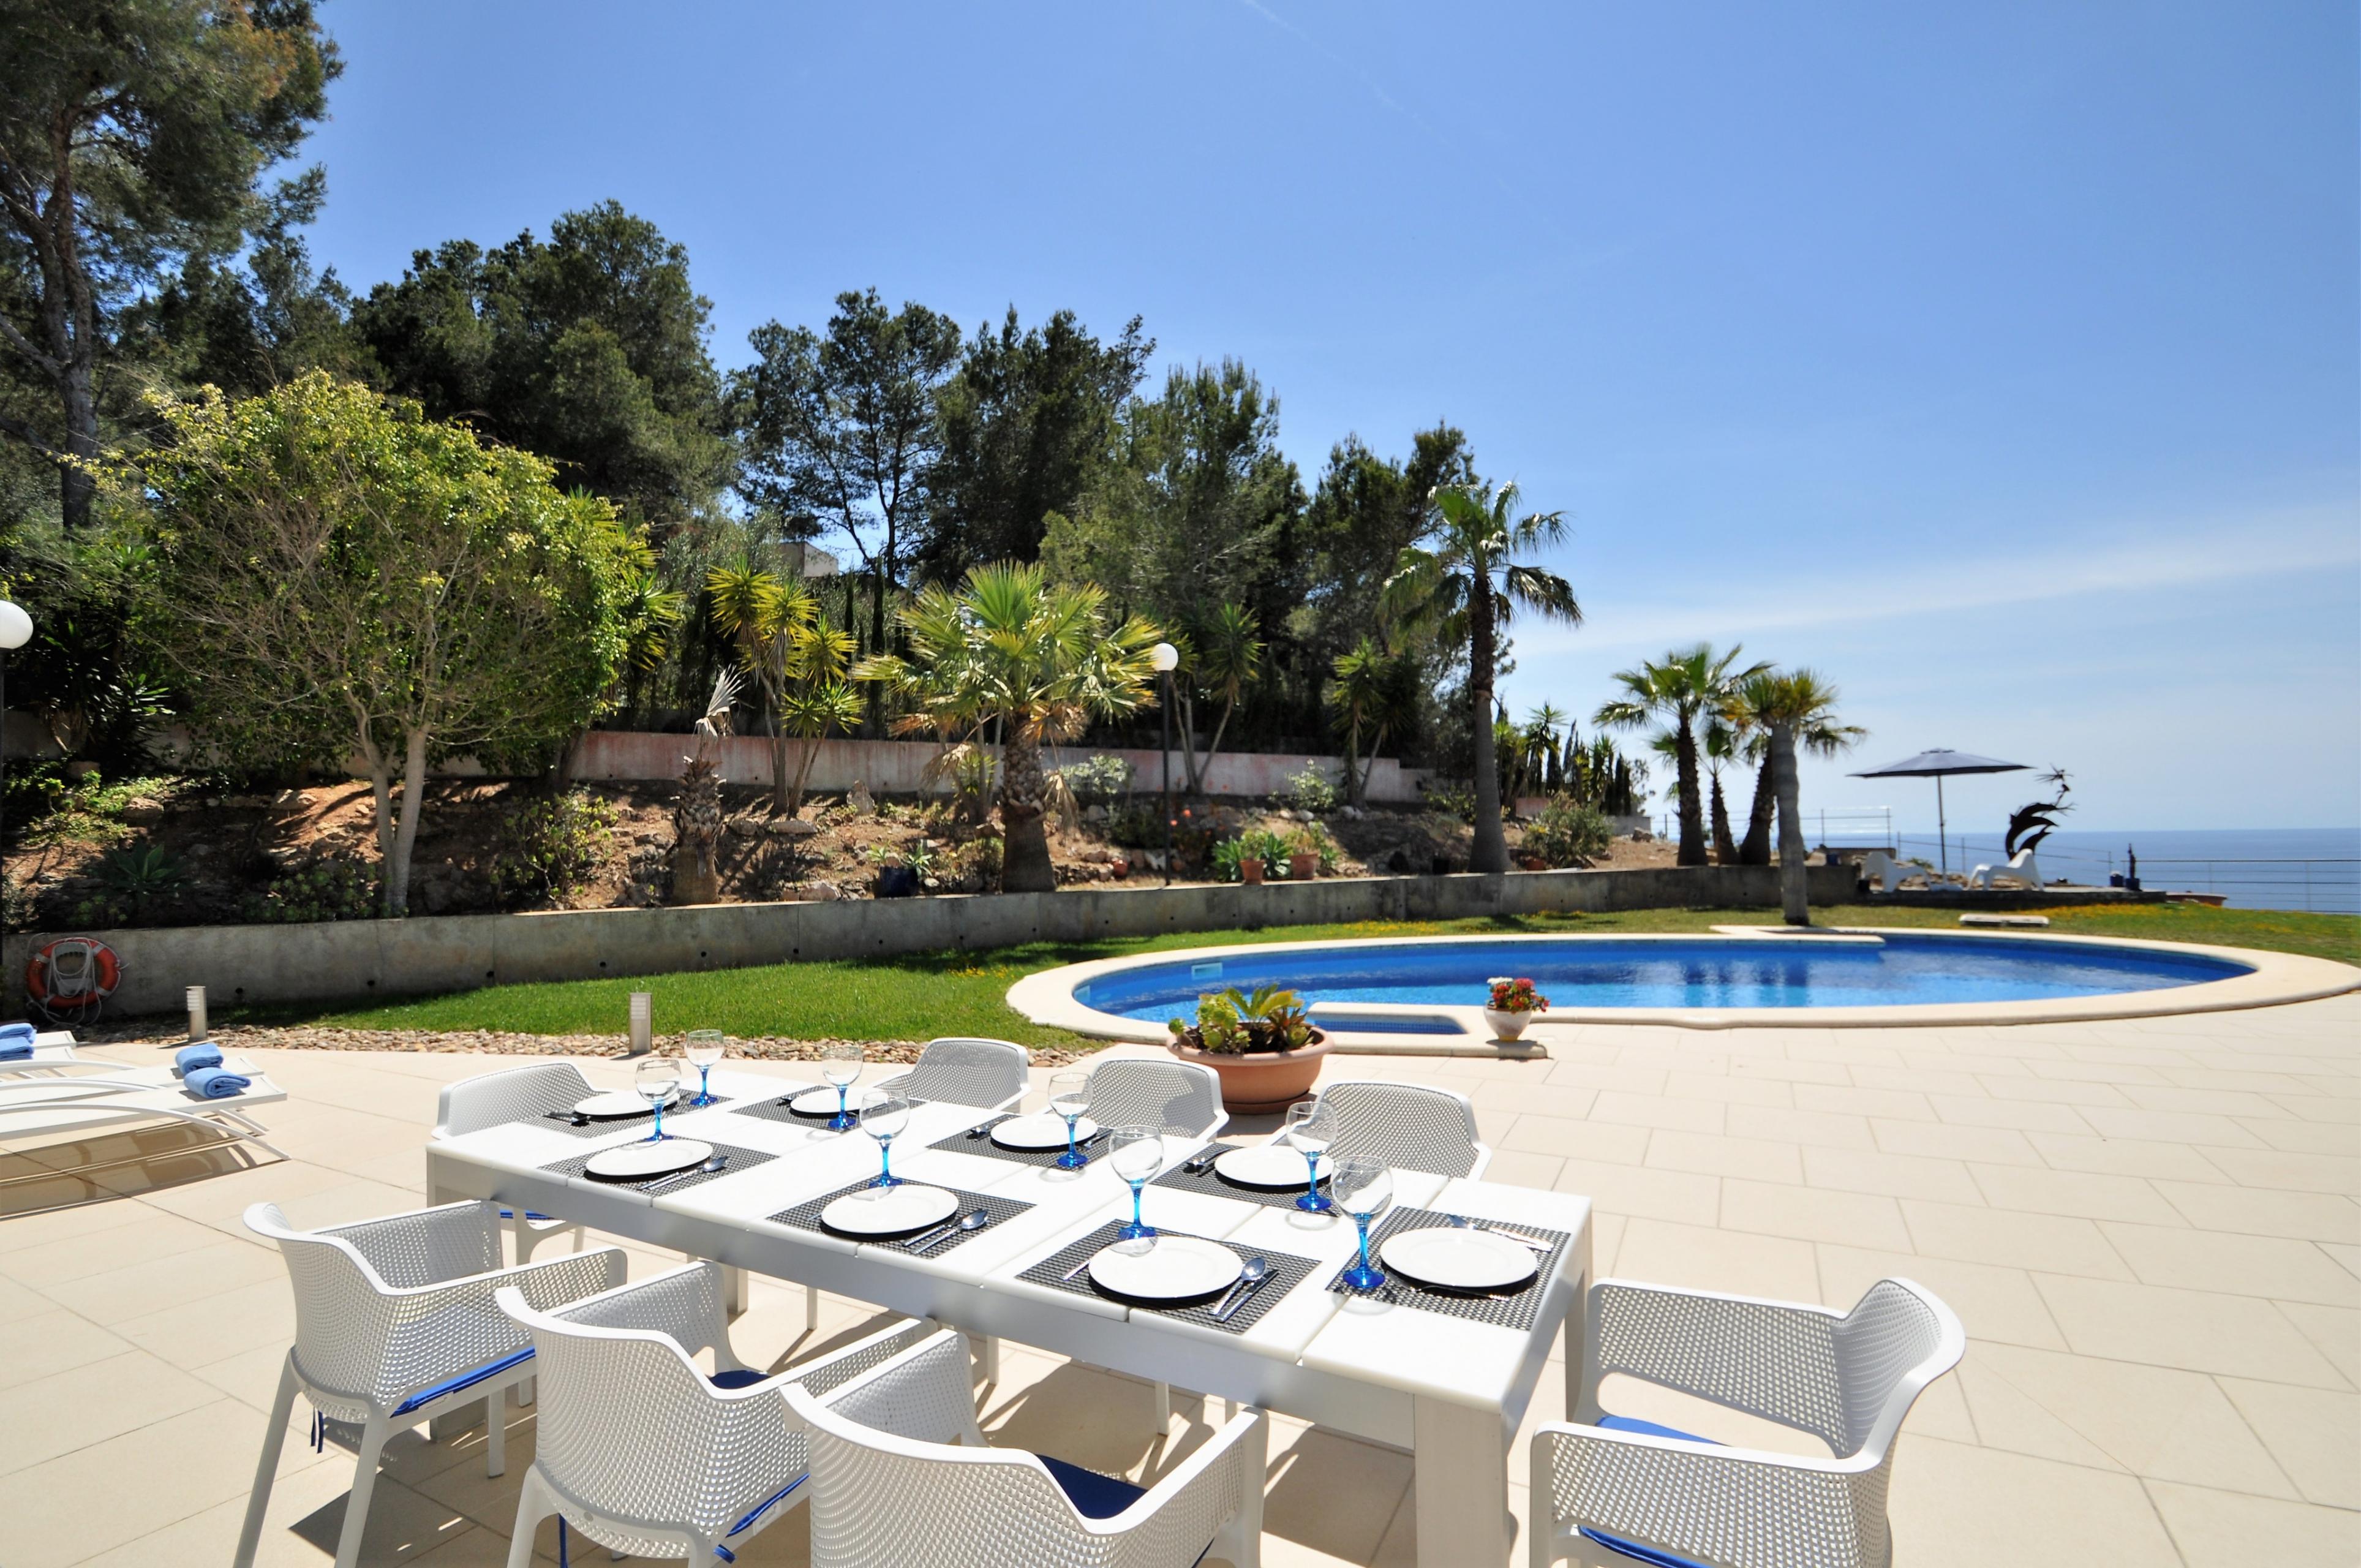 Maison de vacances VILLA BAY BLUE- Bahia Azul- Mallorca - VILLAONLINE - Kostenloses WLAN (2684052), Bahia Azul, Majorque, Iles Baléares, Espagne, image 5